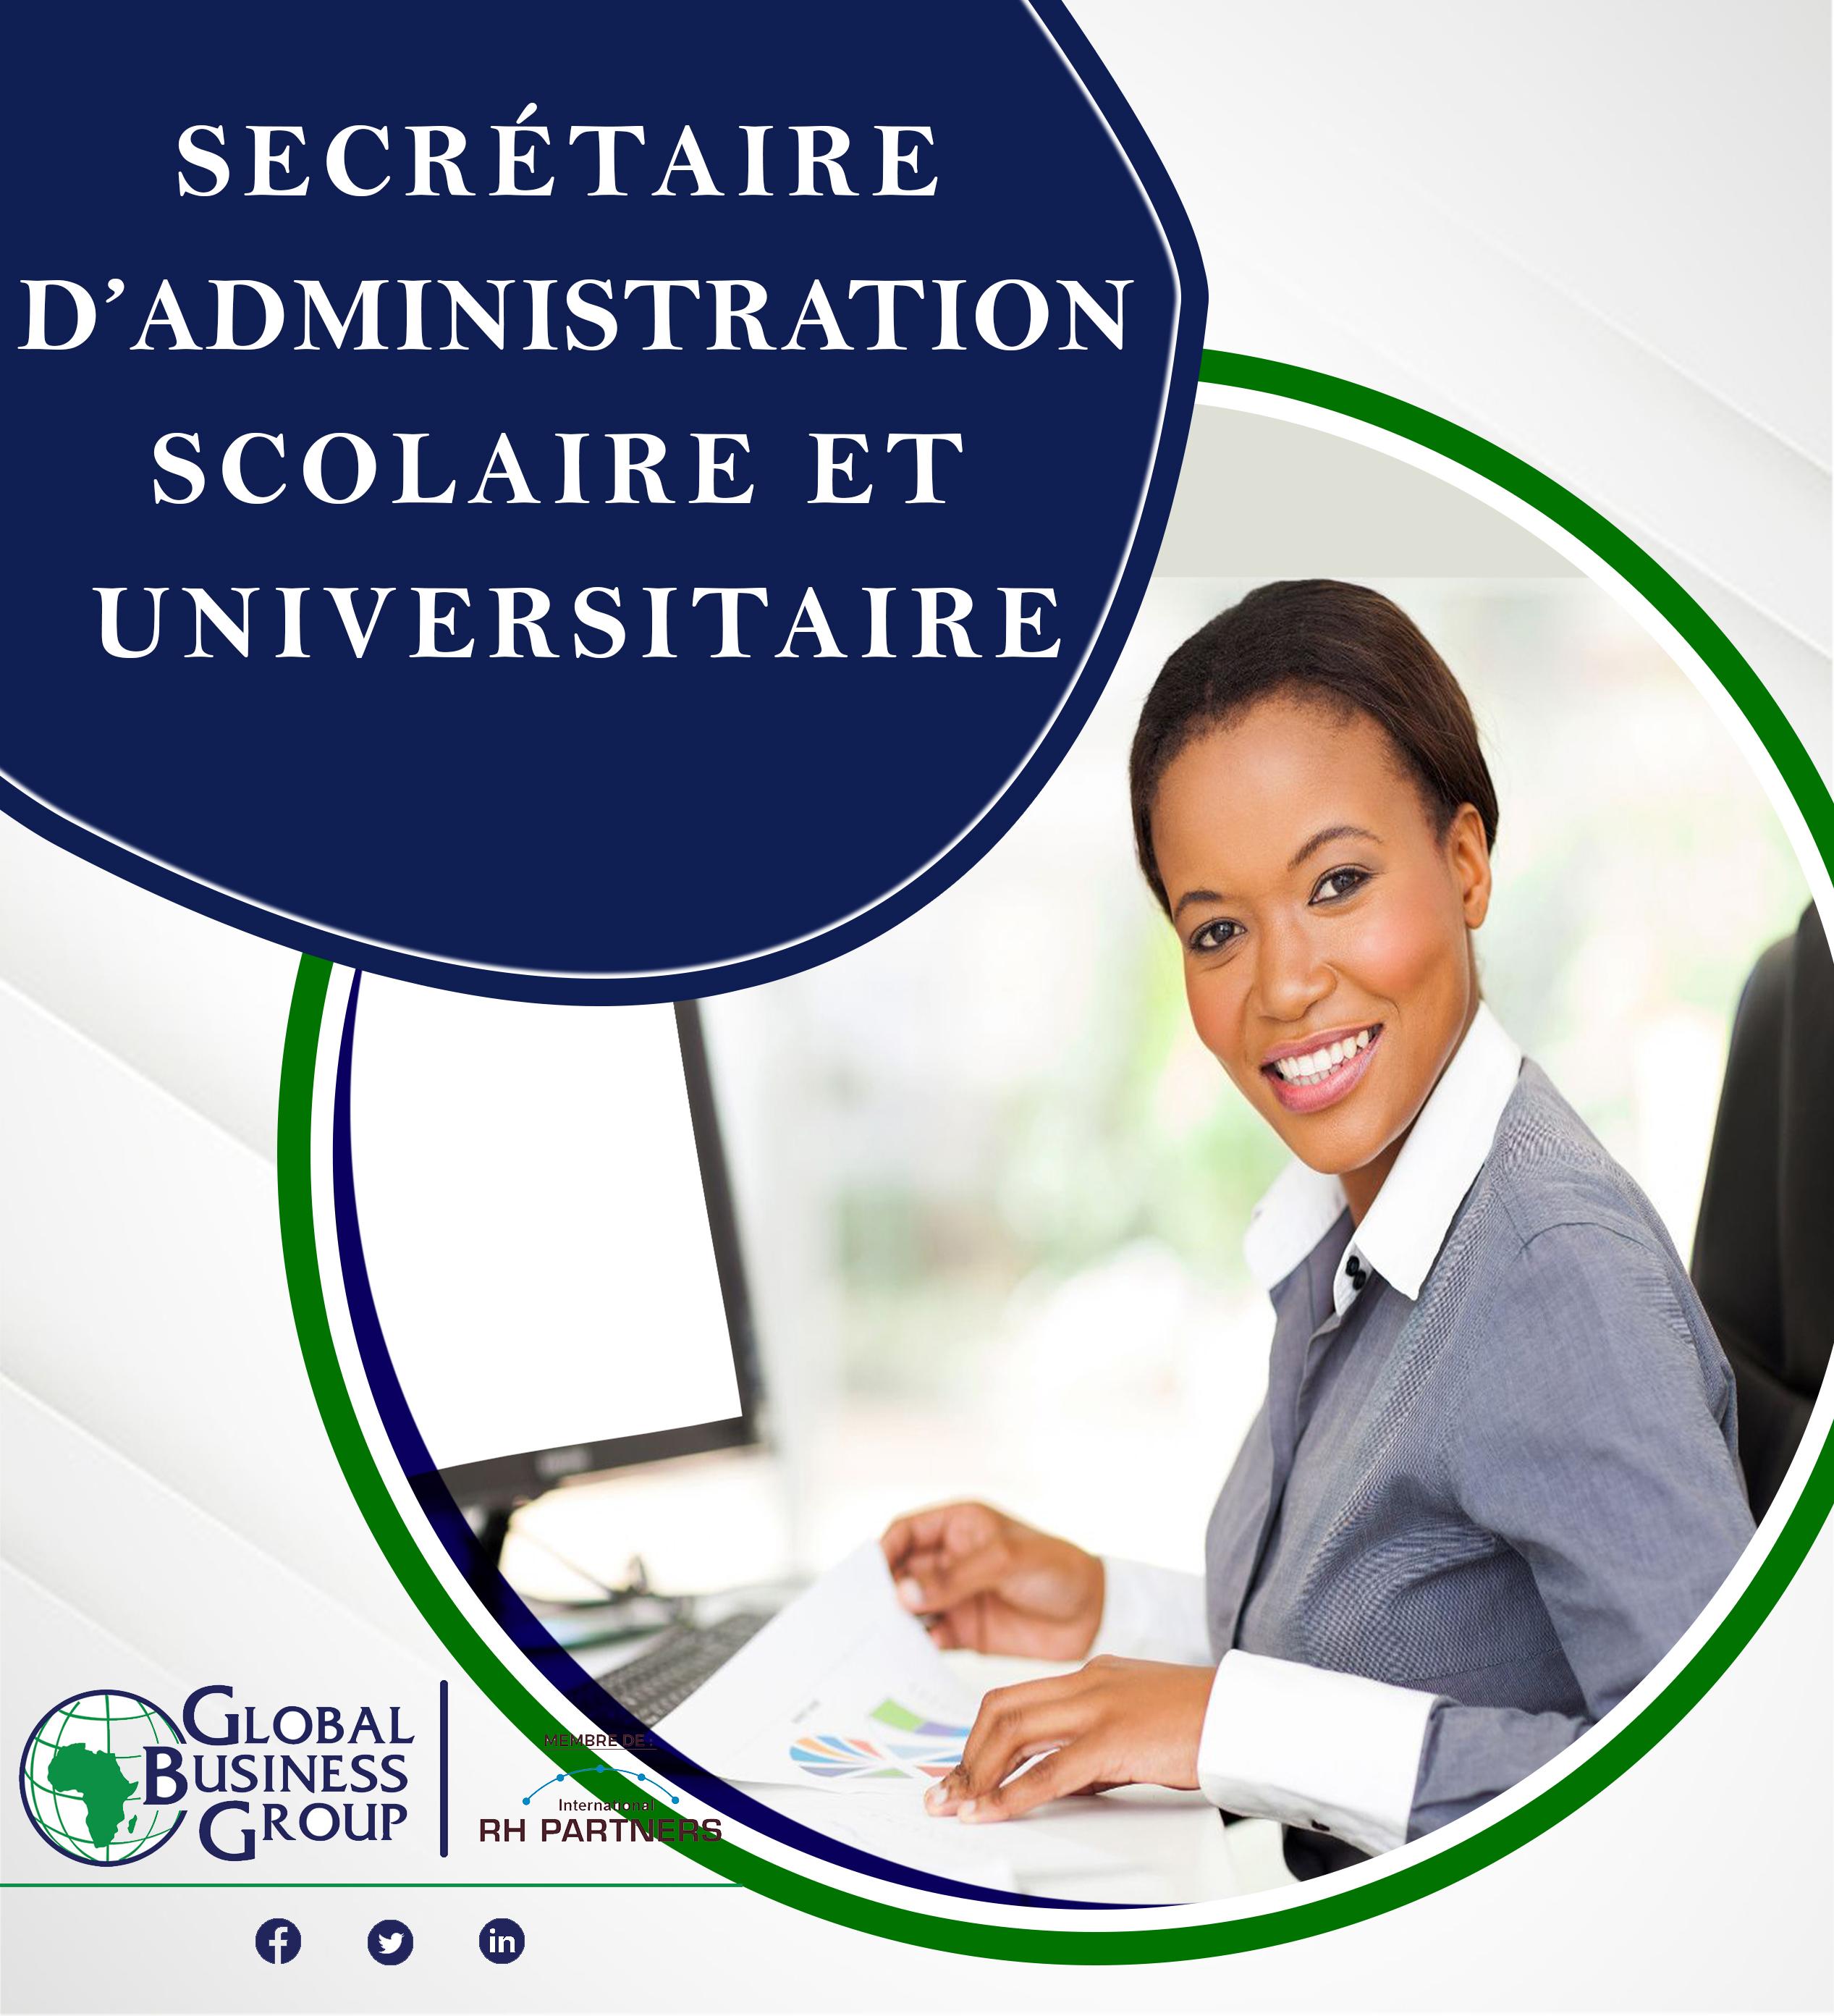 Secrétaire d'Administration Scolaire et Universitaire